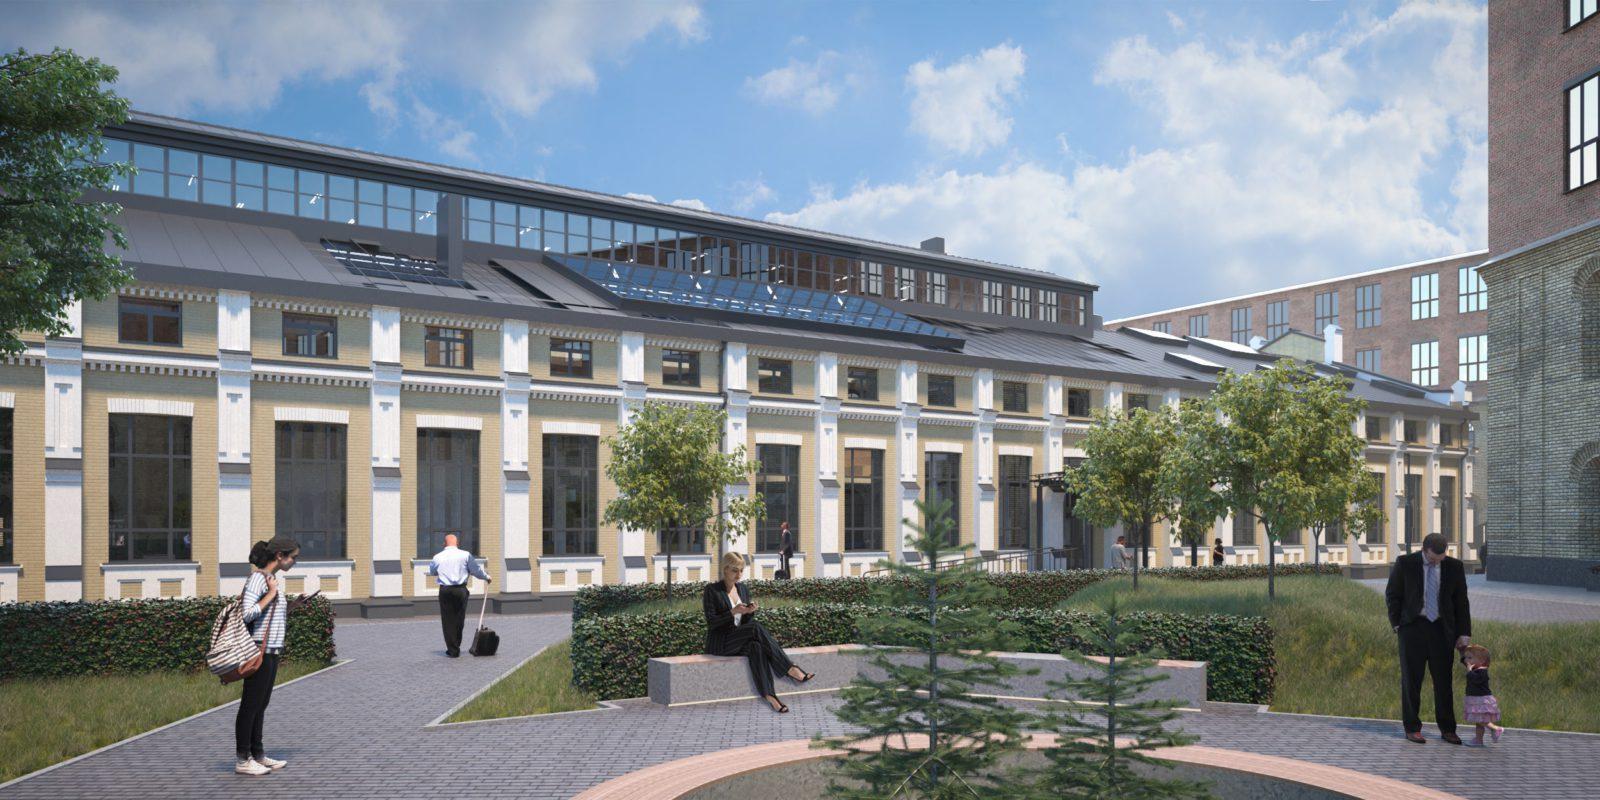 Стеклянный потолок и рестораны: на заводе «Арсенал» откроют бизнес-пространство